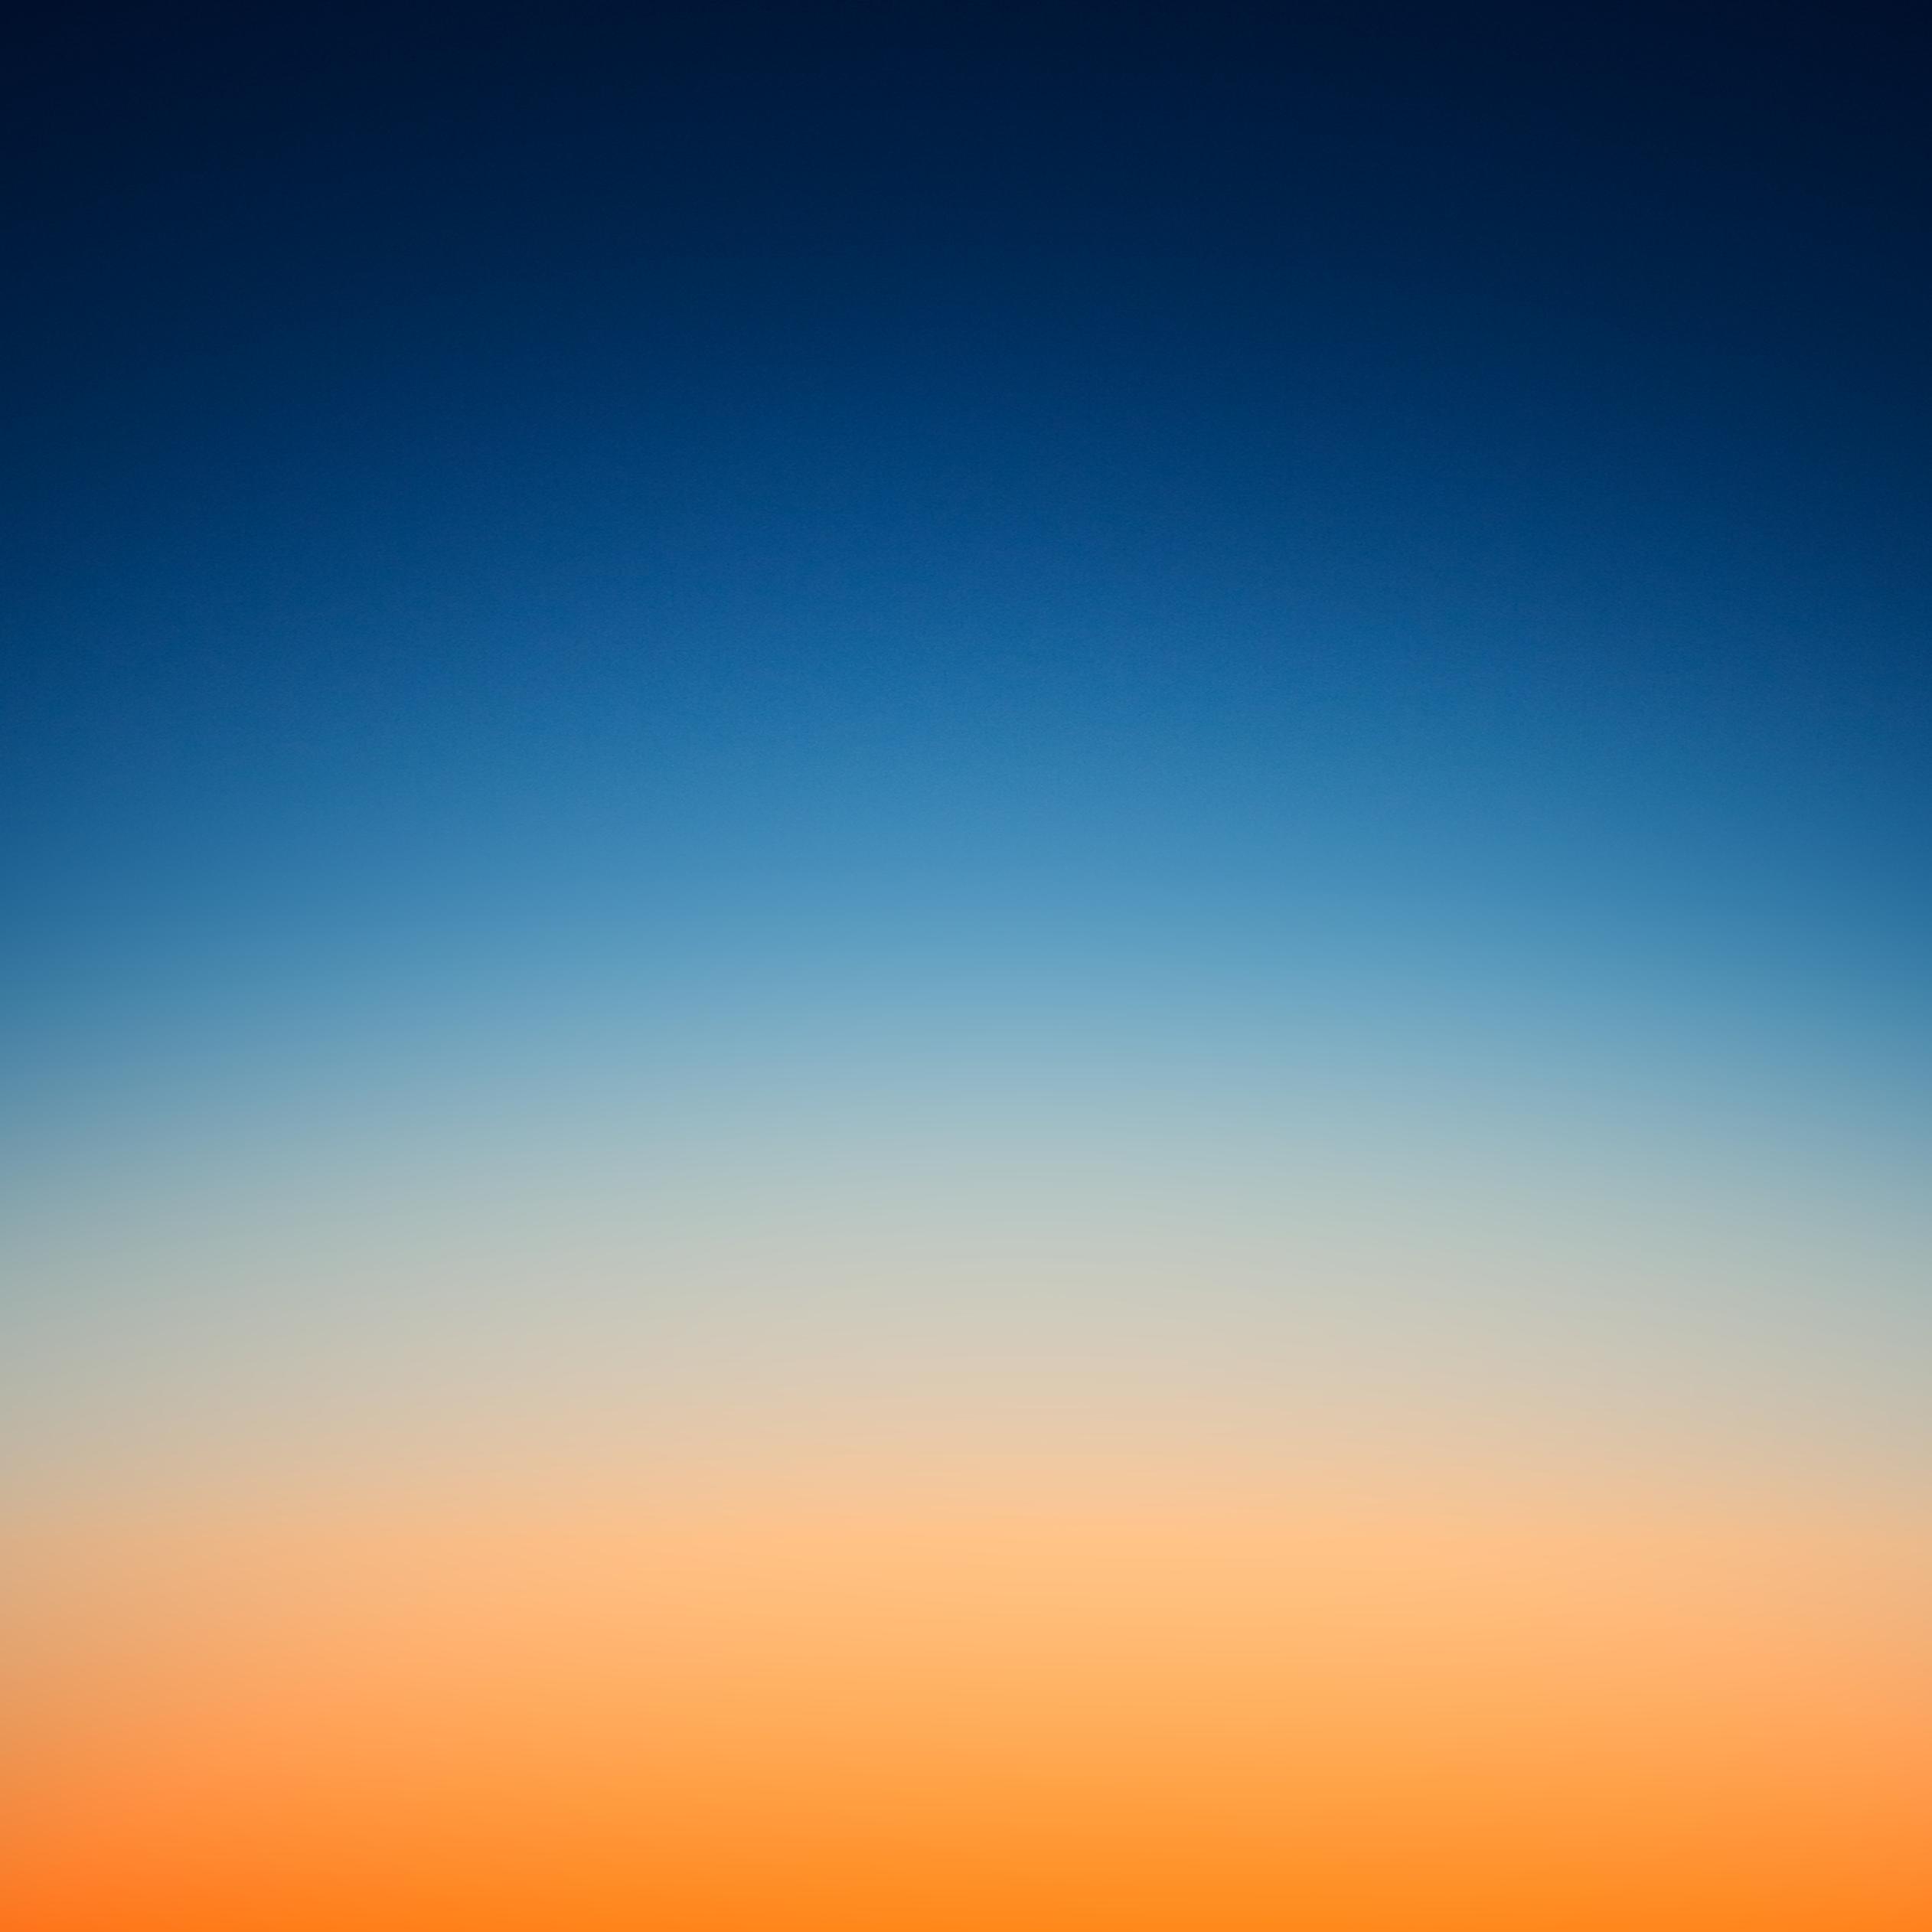 适合ipad机型 苹果ios 7高清壁纸分享